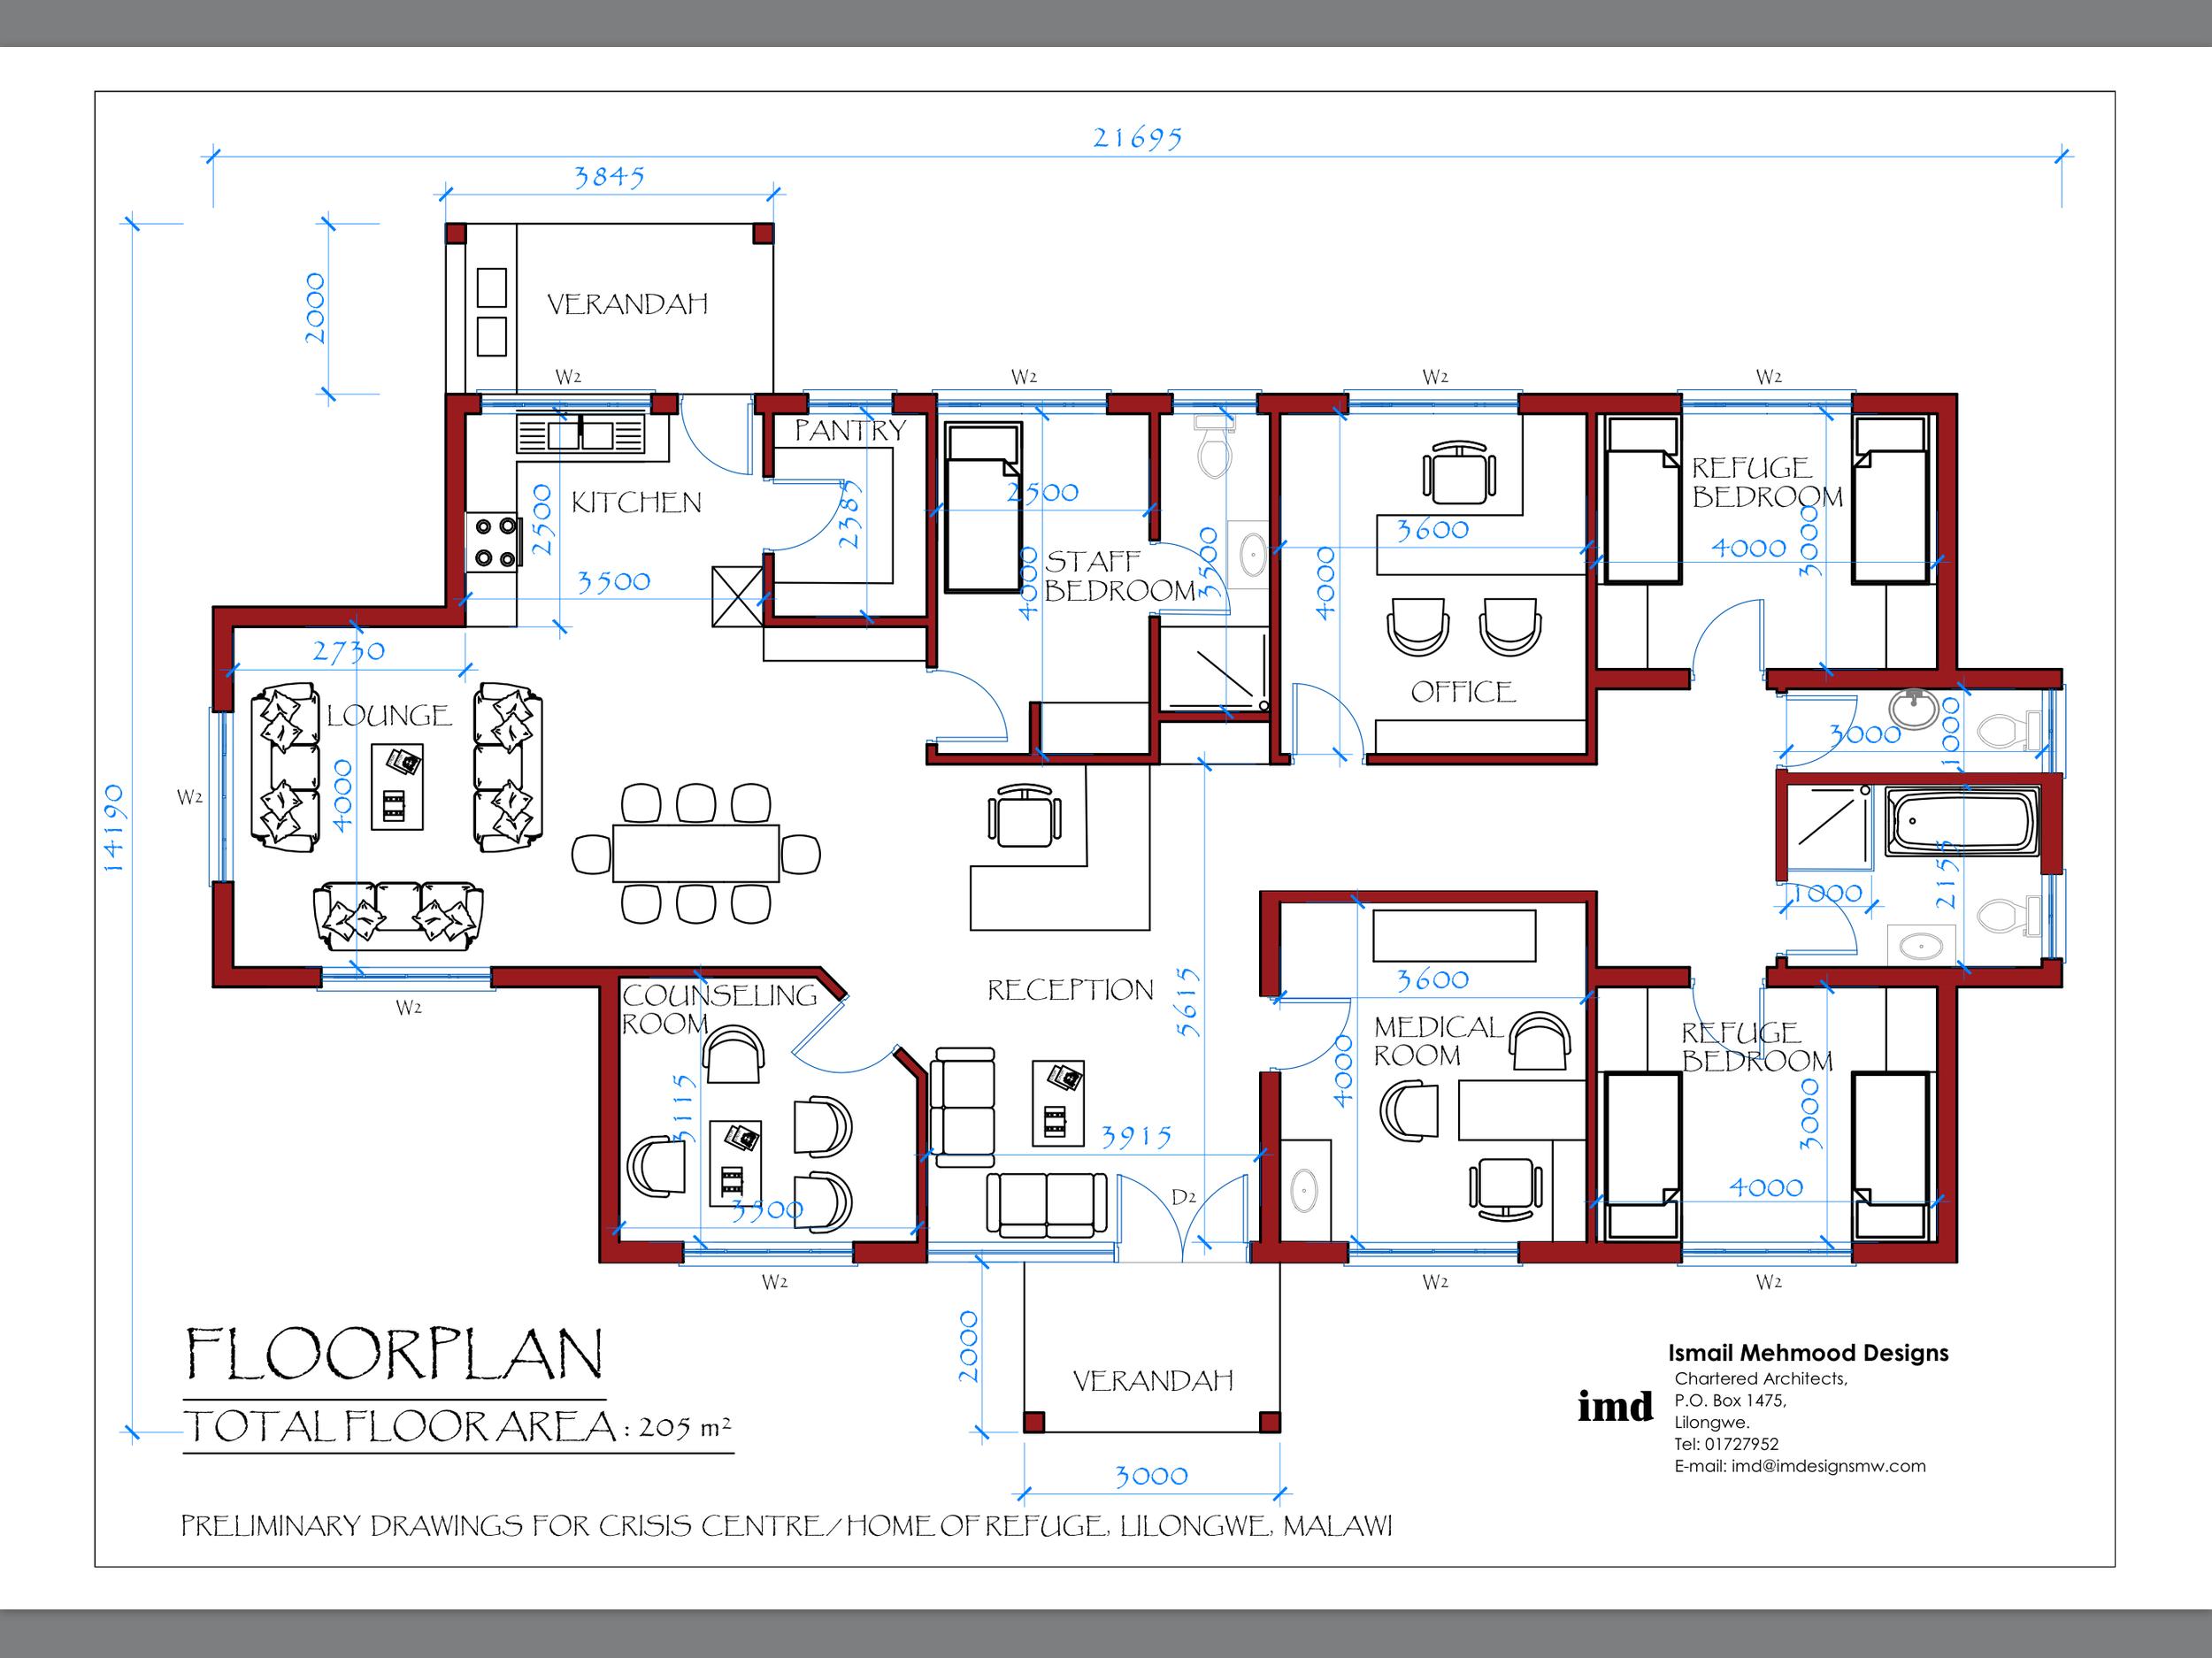 Original Floor Plan Drawings - Summer 2018